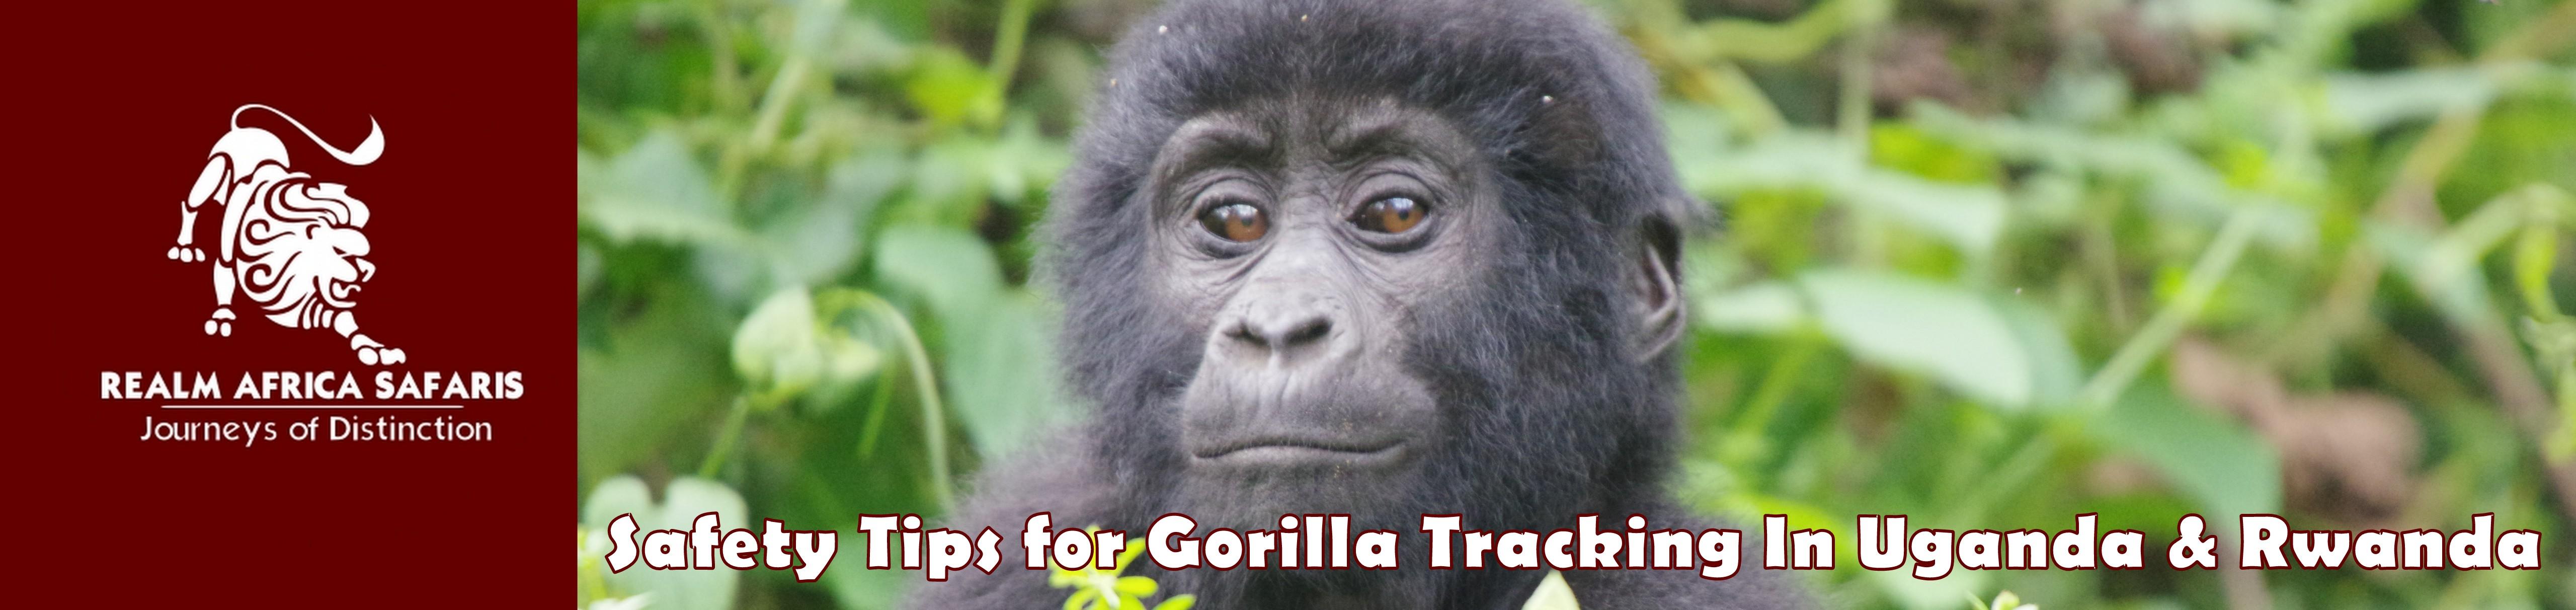 safety Tips for Gorilla tracking In Uganda & Rwanda